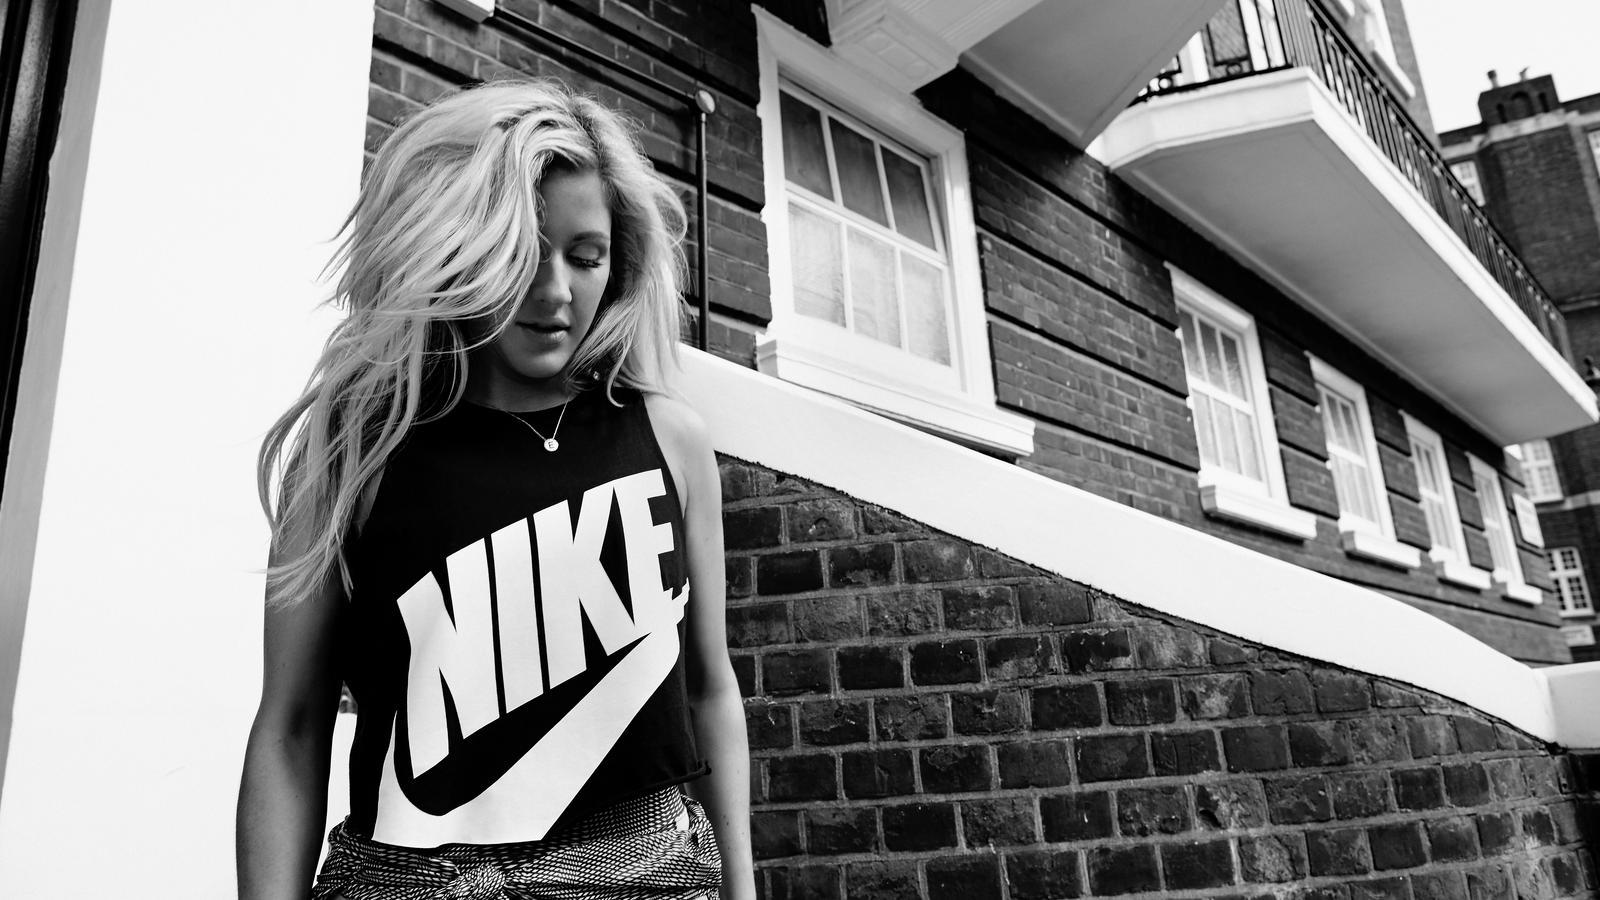 Nike_Ellie Goulding_1